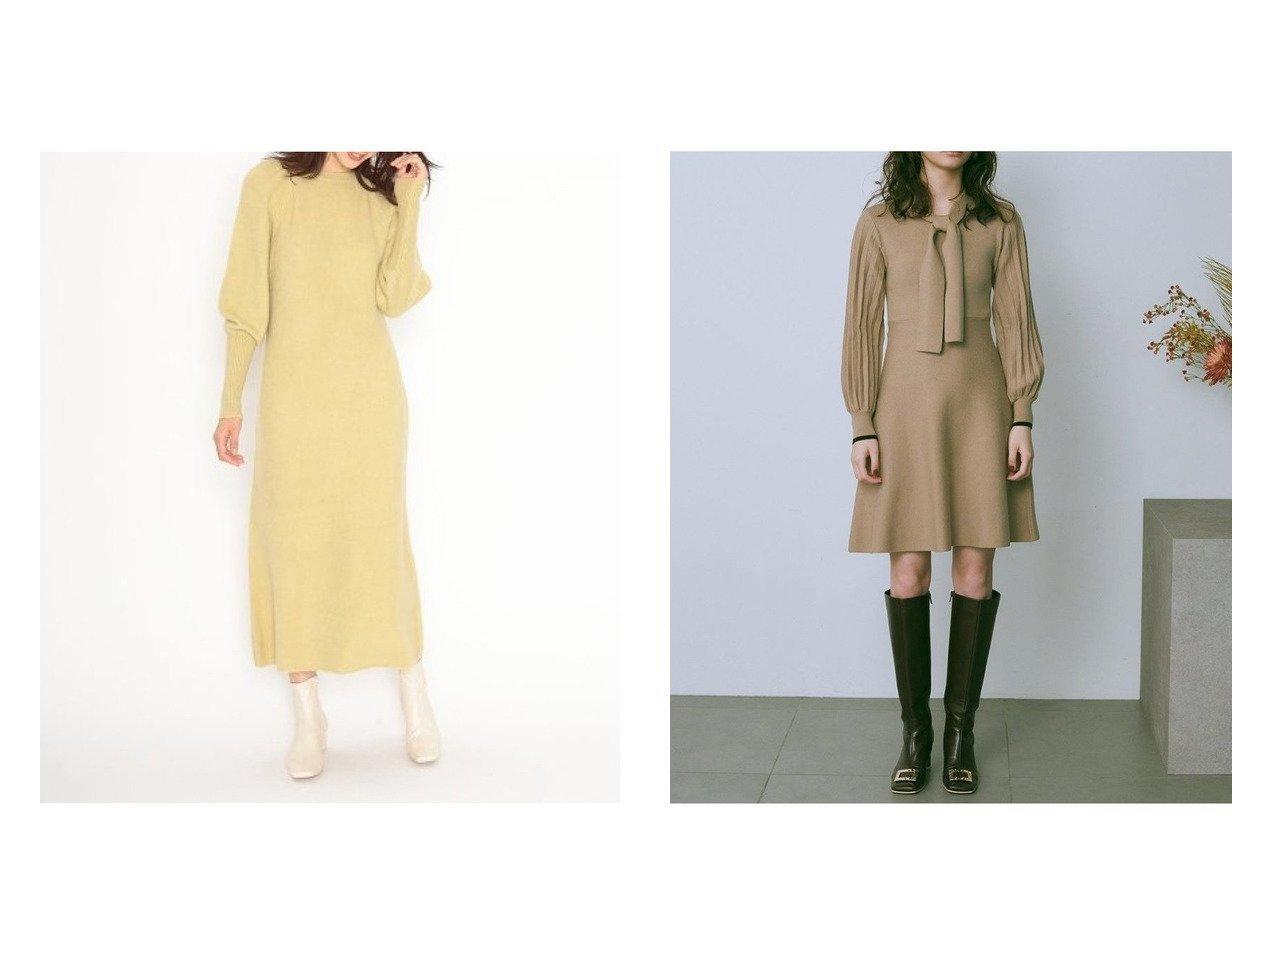 【Lily Brown/リリーブラウン】のボウタイニットワンピース&【SNIDEL/スナイデル】のファーライクスリーブニットワンピース ワンピース・ドレスのおすすめ!人気、レディースファッションの通販 おすすめで人気のファッション通販商品 インテリア・家具・キッズファッション・メンズファッション・レディースファッション・服の通販 founy(ファニー) https://founy.com/ ファッション Fashion レディース WOMEN ワンピース Dress ニットワンピース Knit Dresses マキシワンピース Maxi Dress アクリル イエロー エレガント オレンジ スリーブ トレンド フォックス マキシ ロング クラシカル プリーツ 人気 冬 Winter |ID:crp329100000002478